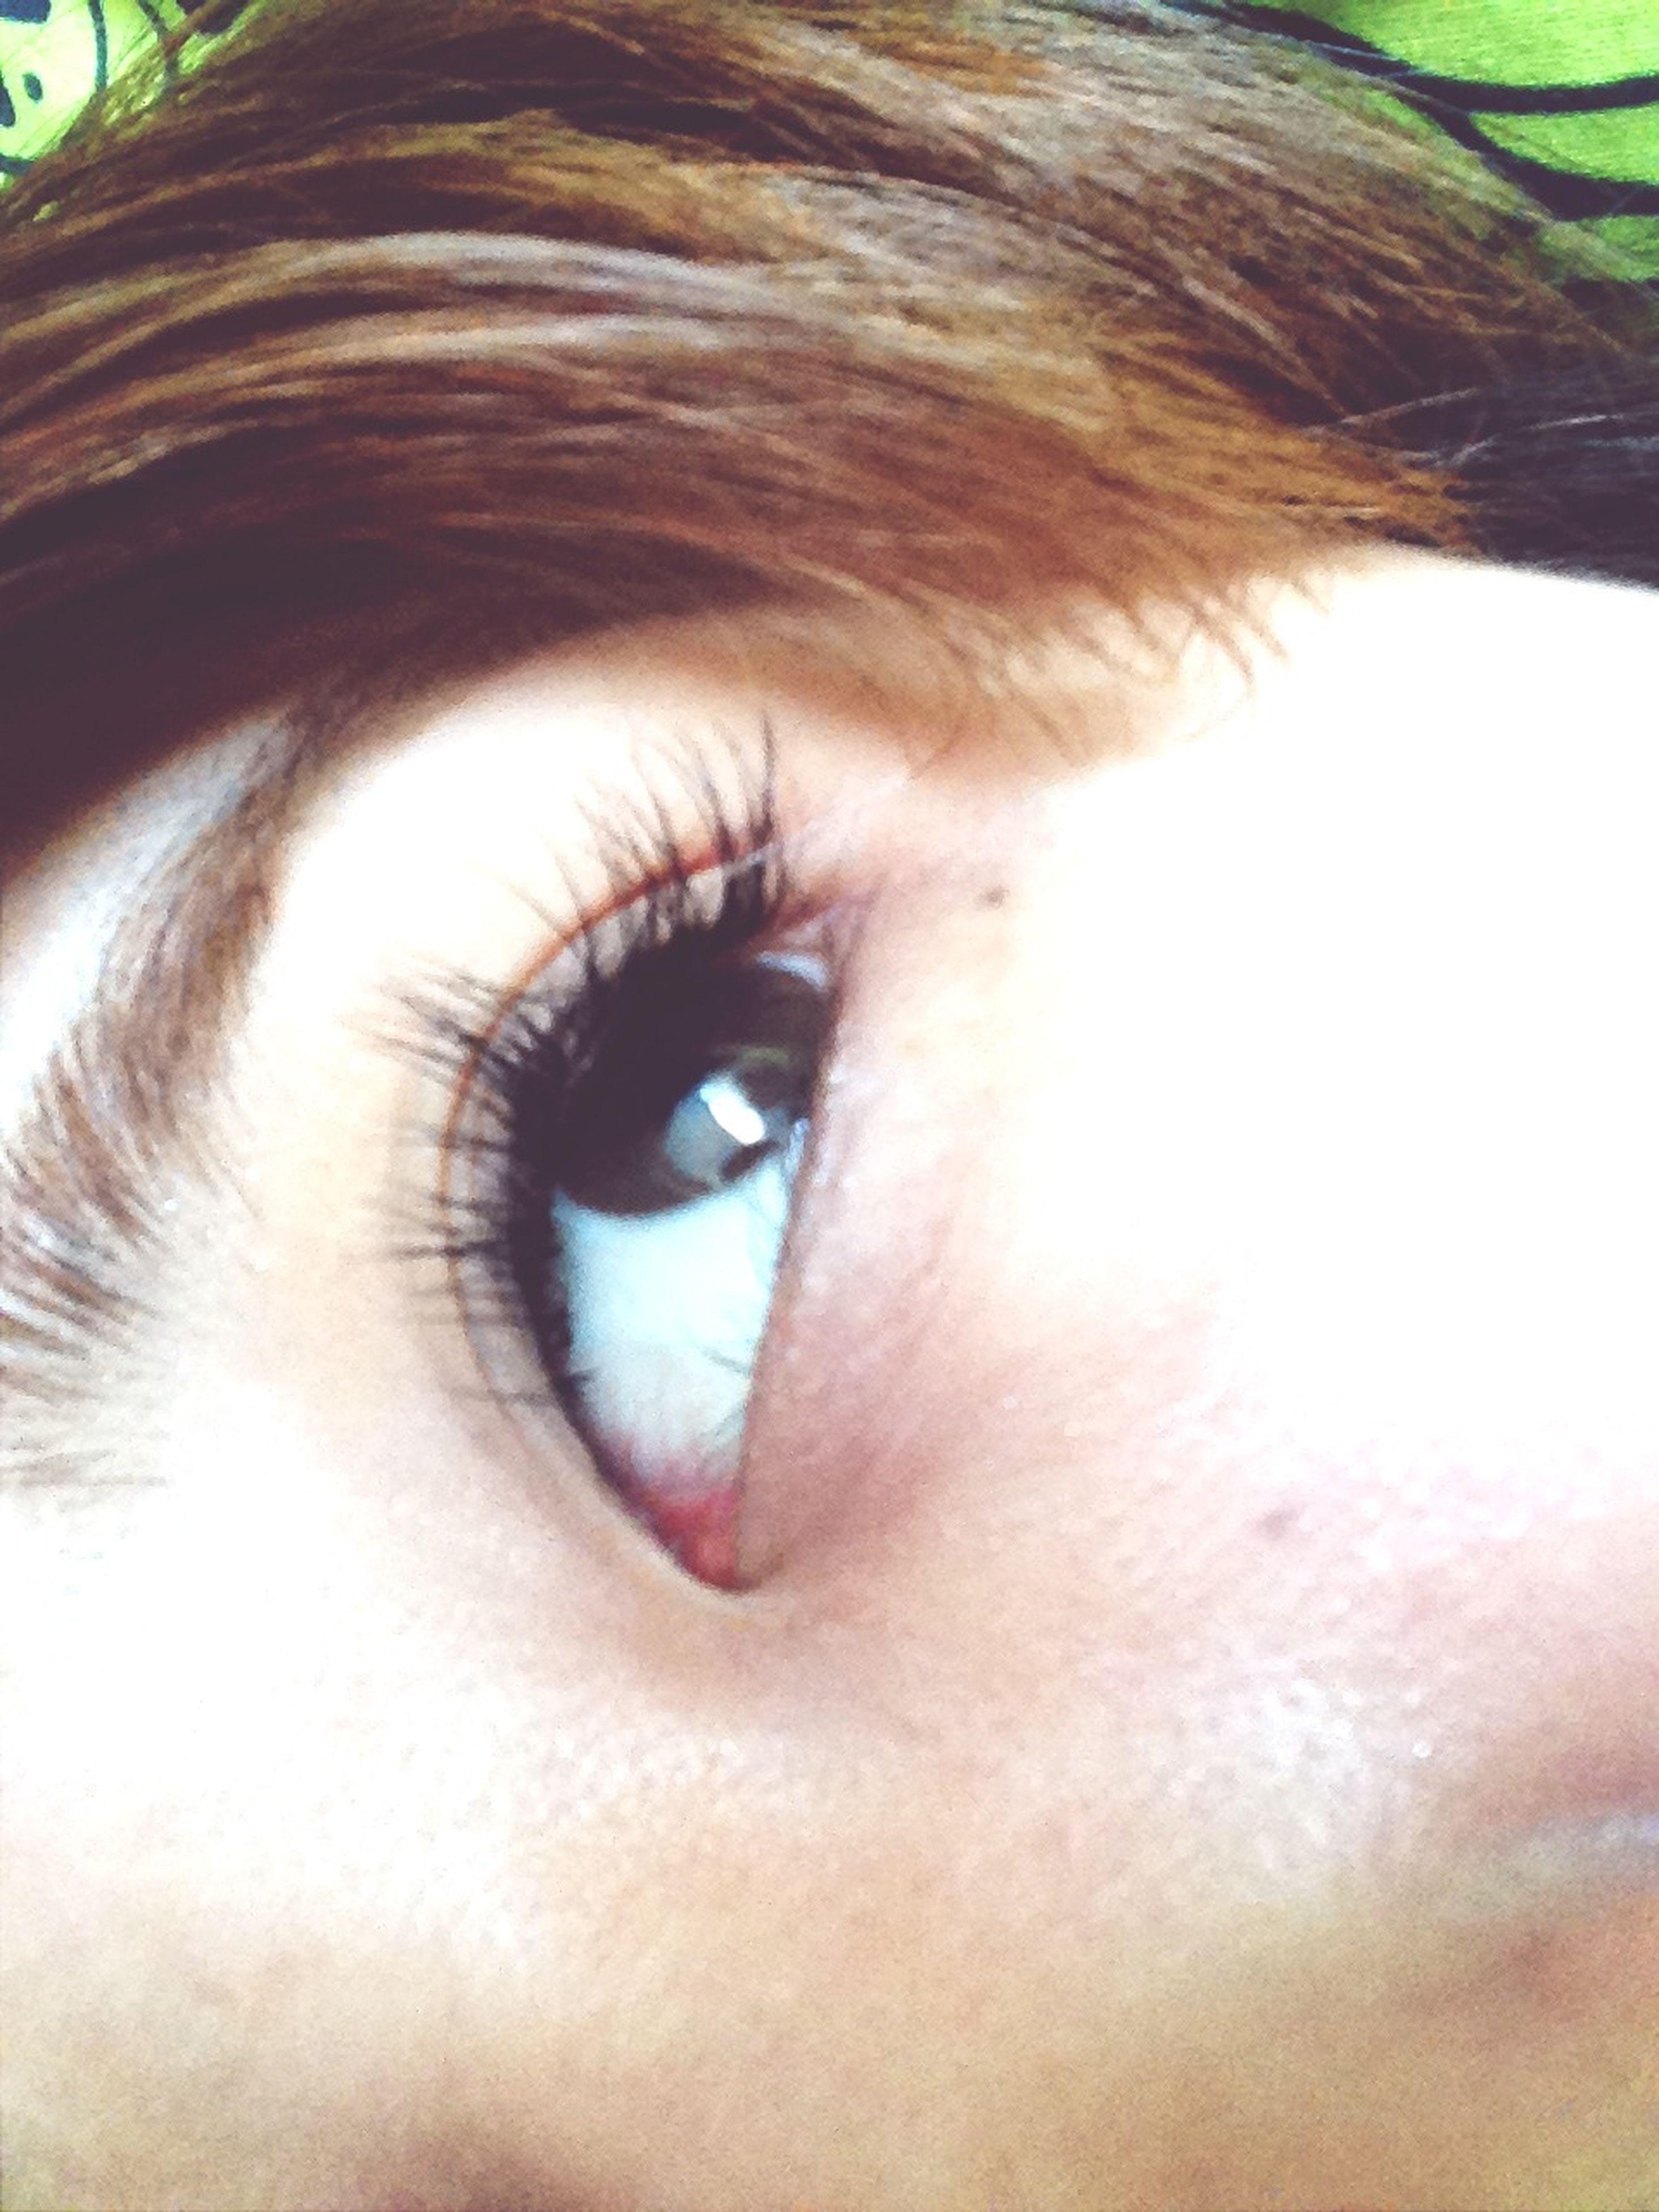 human eye, close-up, eyelash, part of, eyesight, sensory perception, extreme close-up, extreme close up, portrait, looking at camera, eyeball, animal eye, detail, iris - eye, animal body part, staring, human skin